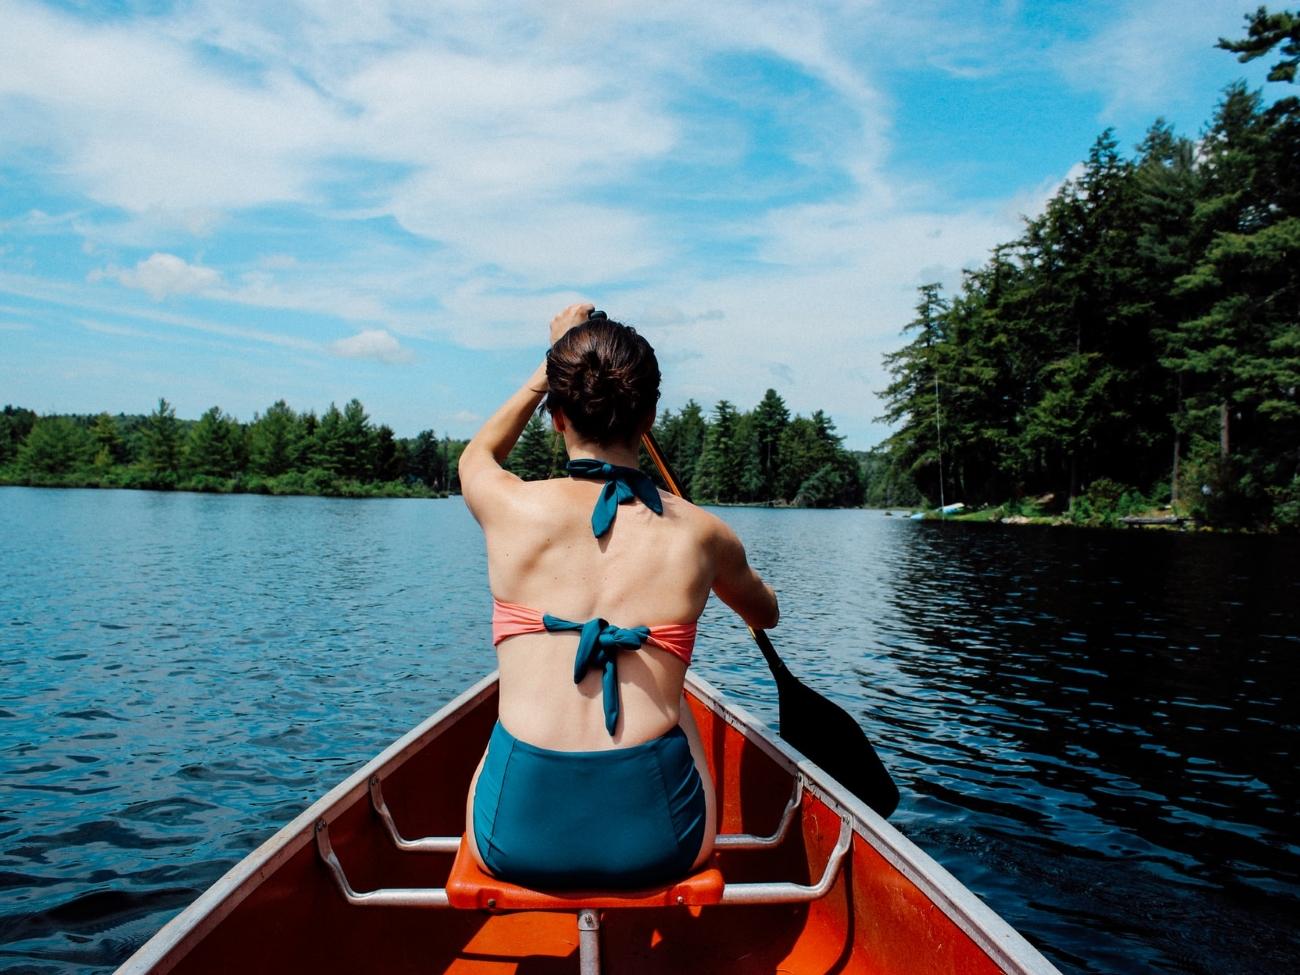 Junge im Boot sitzende Frau von hinten, die auf einem See paddelt.